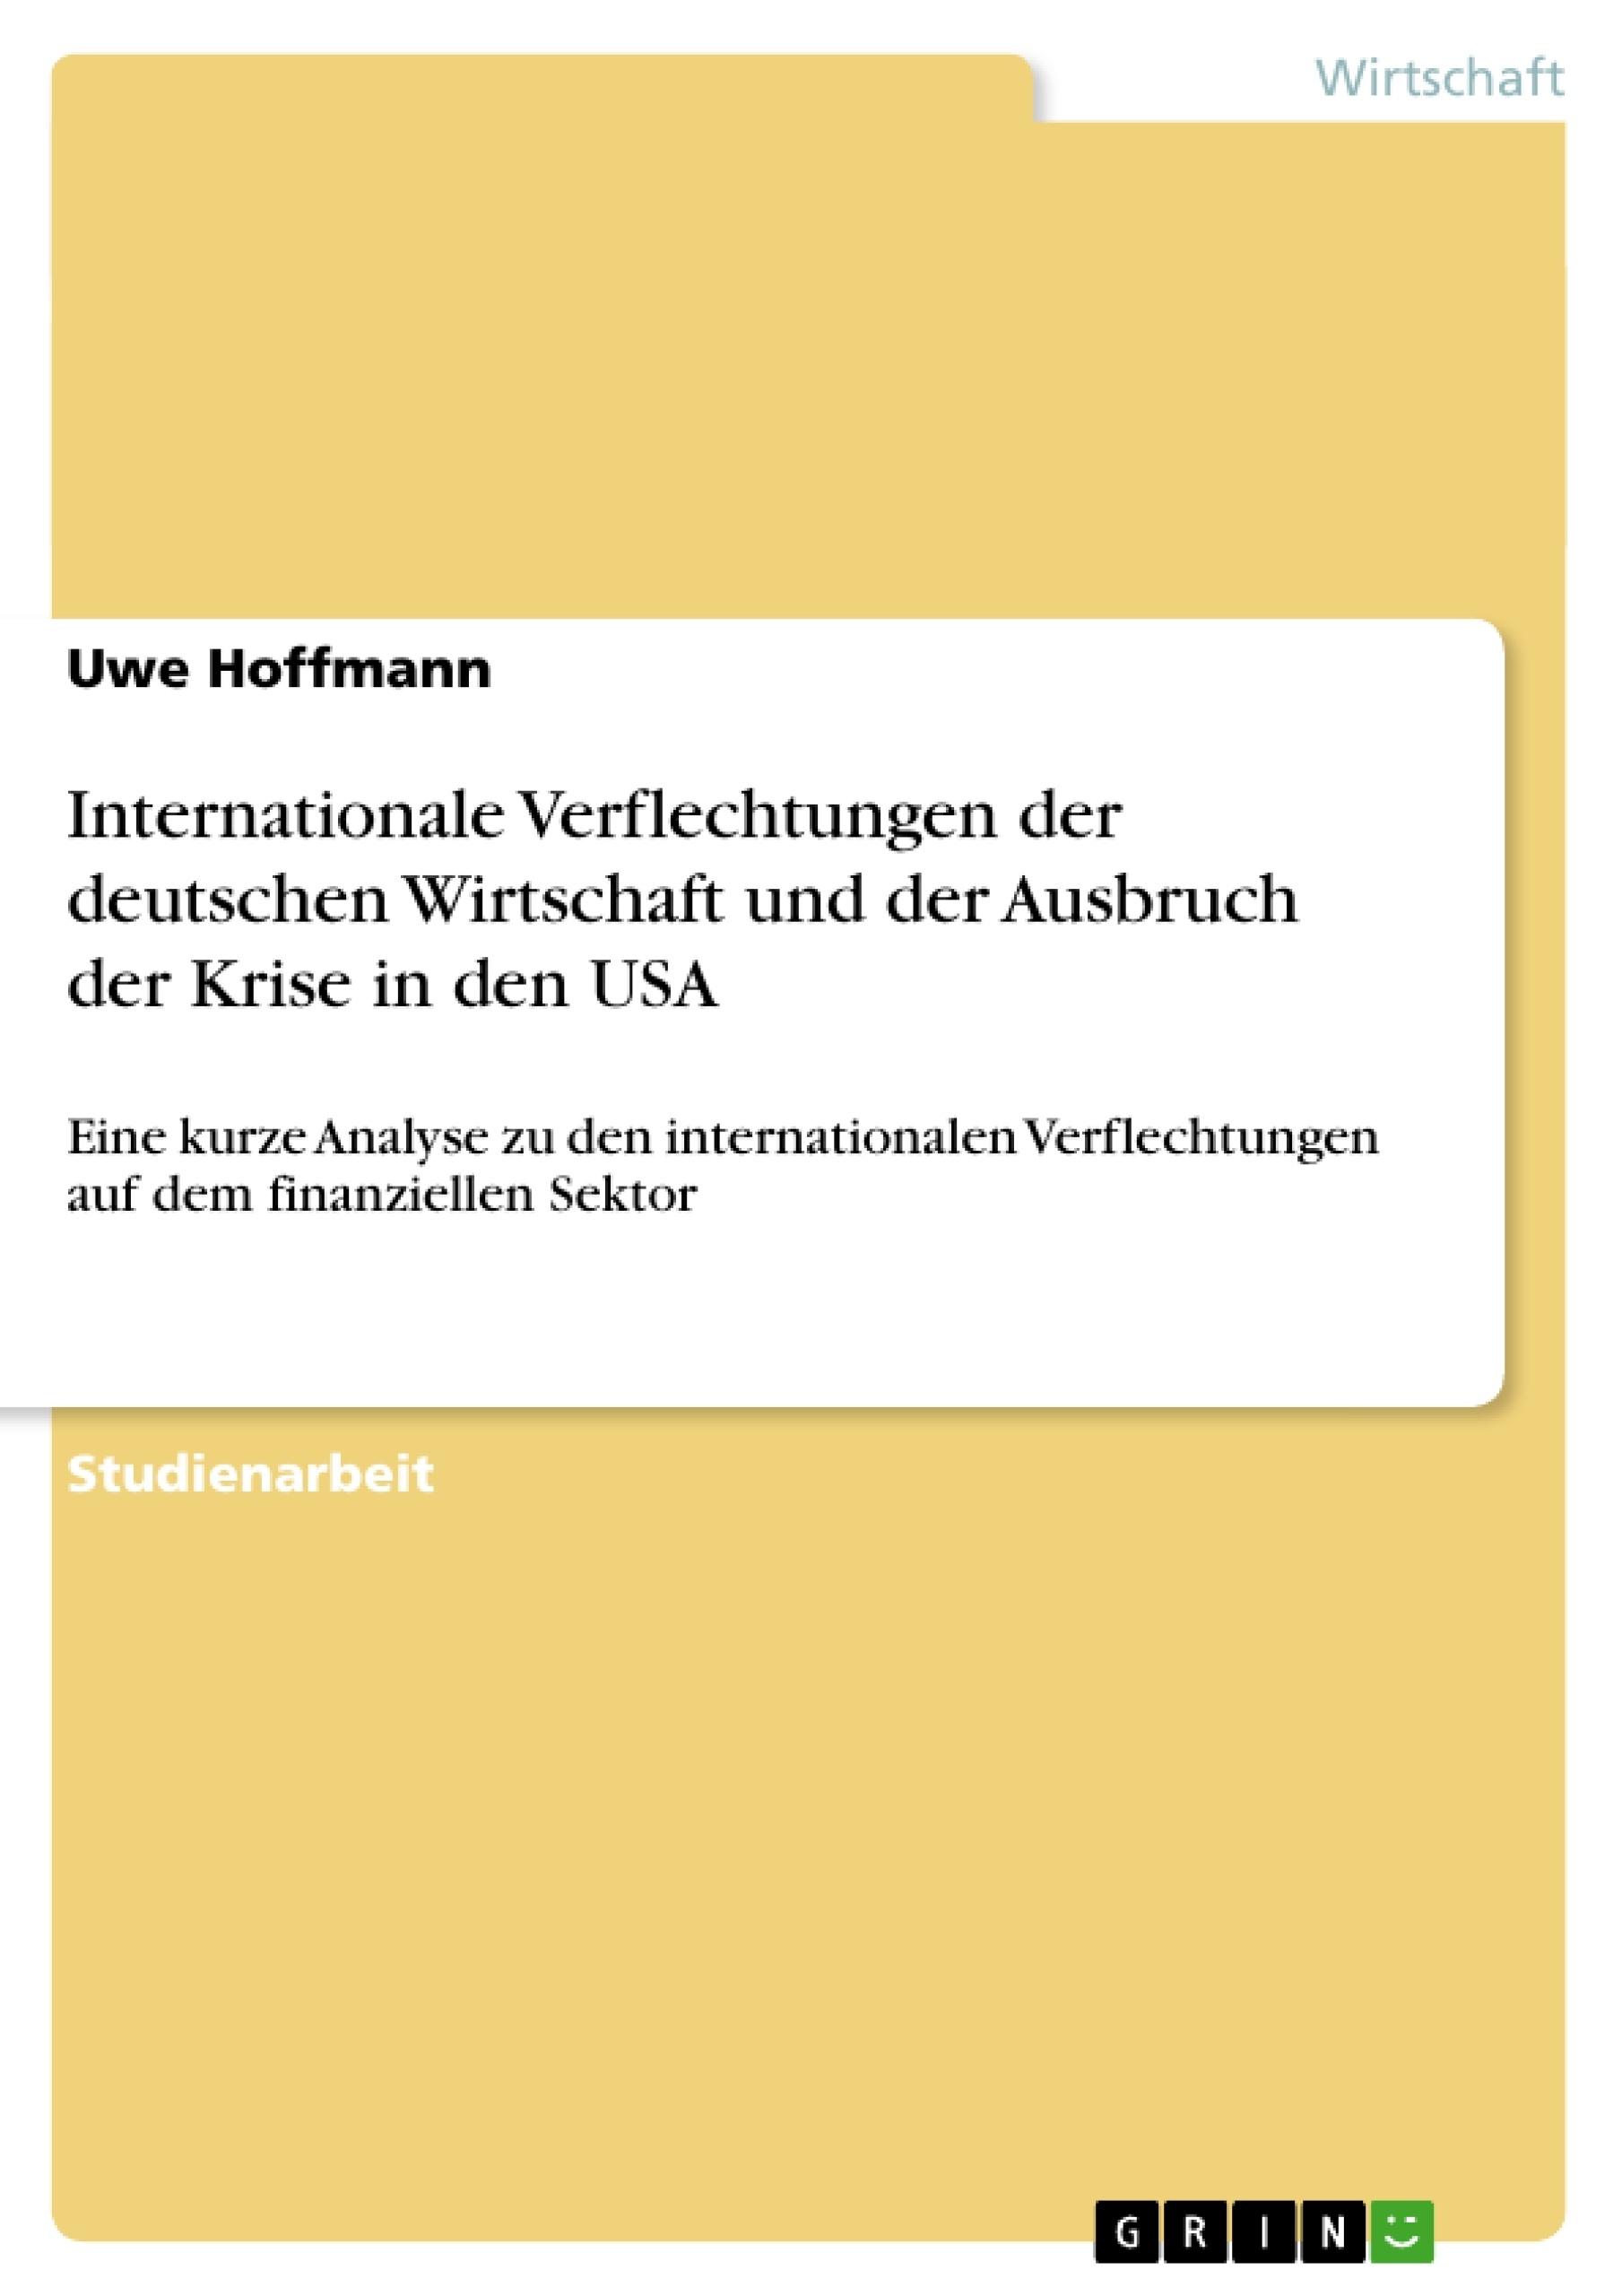 Titel: Internationale Verflechtungen der deutschen Wirtschaft und der Ausbruch der Krise in den USA